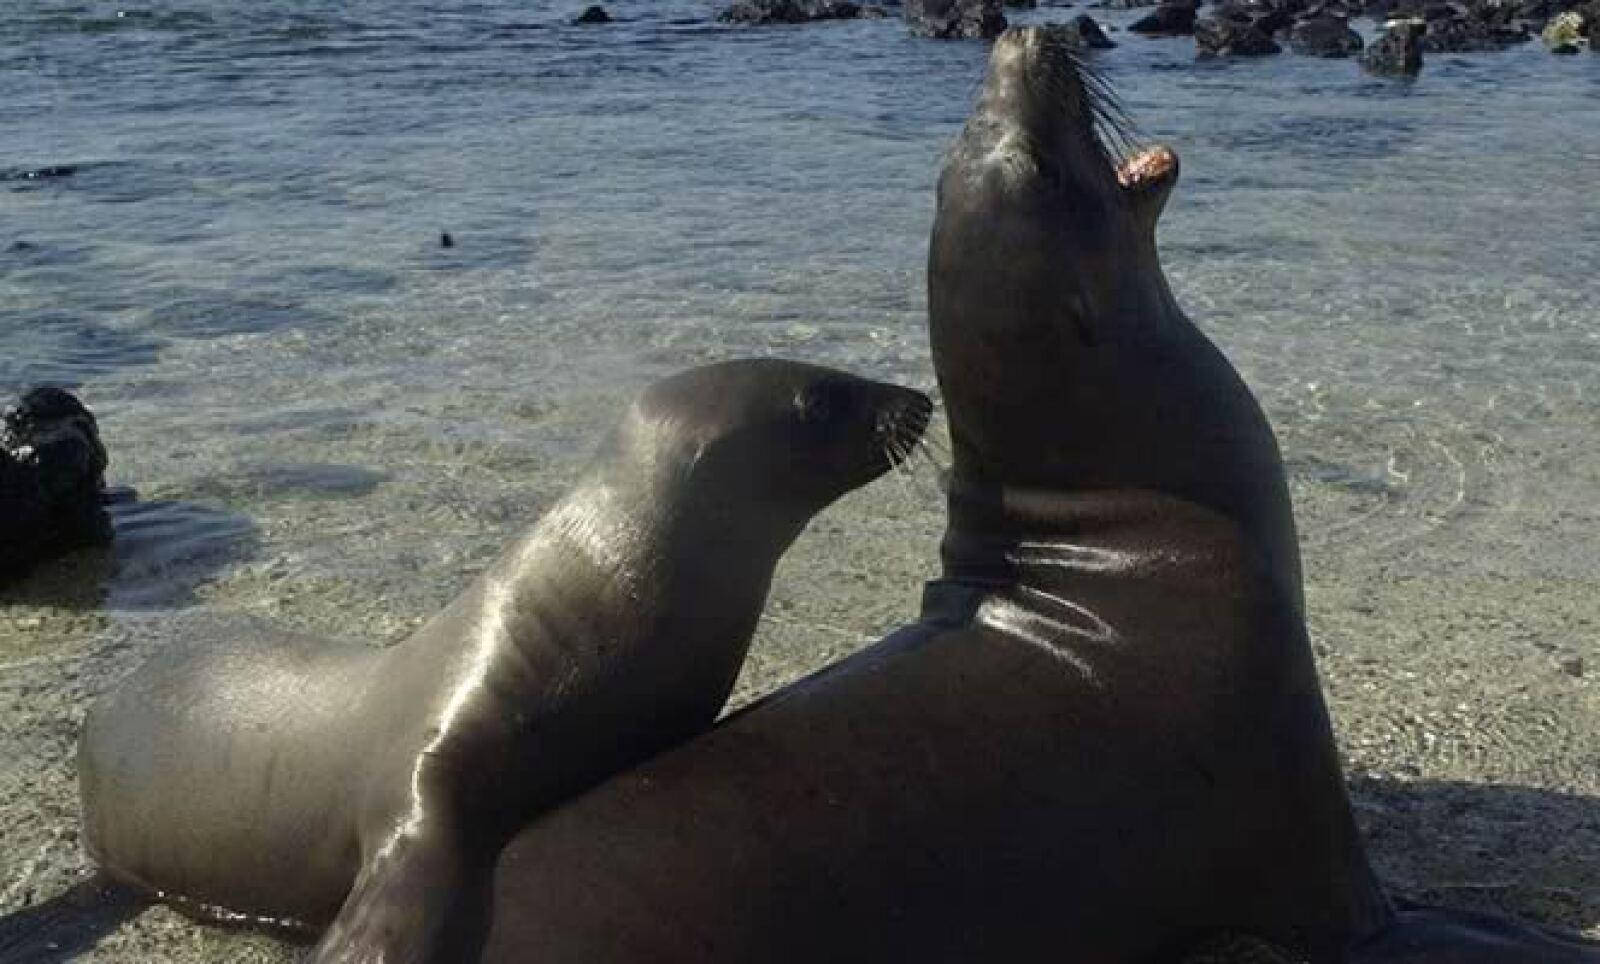 El león marino de Hooker fue cazado por su piel y aceite hasta 1893. Listado como vulnerable, habita las islas subantárticas de Nueva Zelanca y se reproduce en apenas dos islas de este archipiélago.